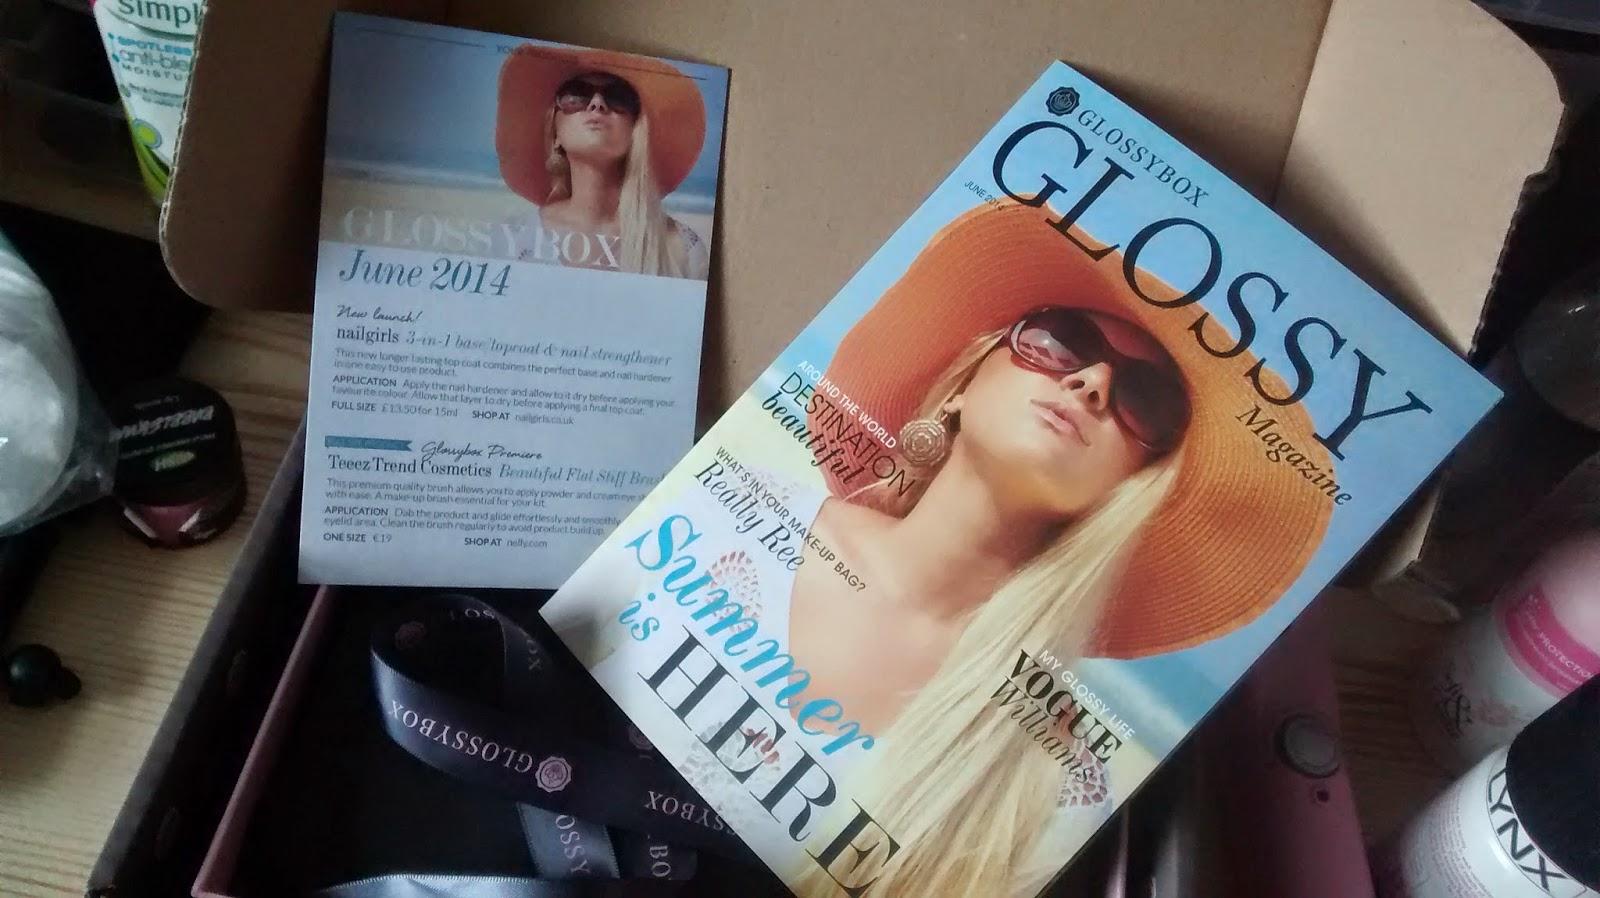 June Glossybox Magazine